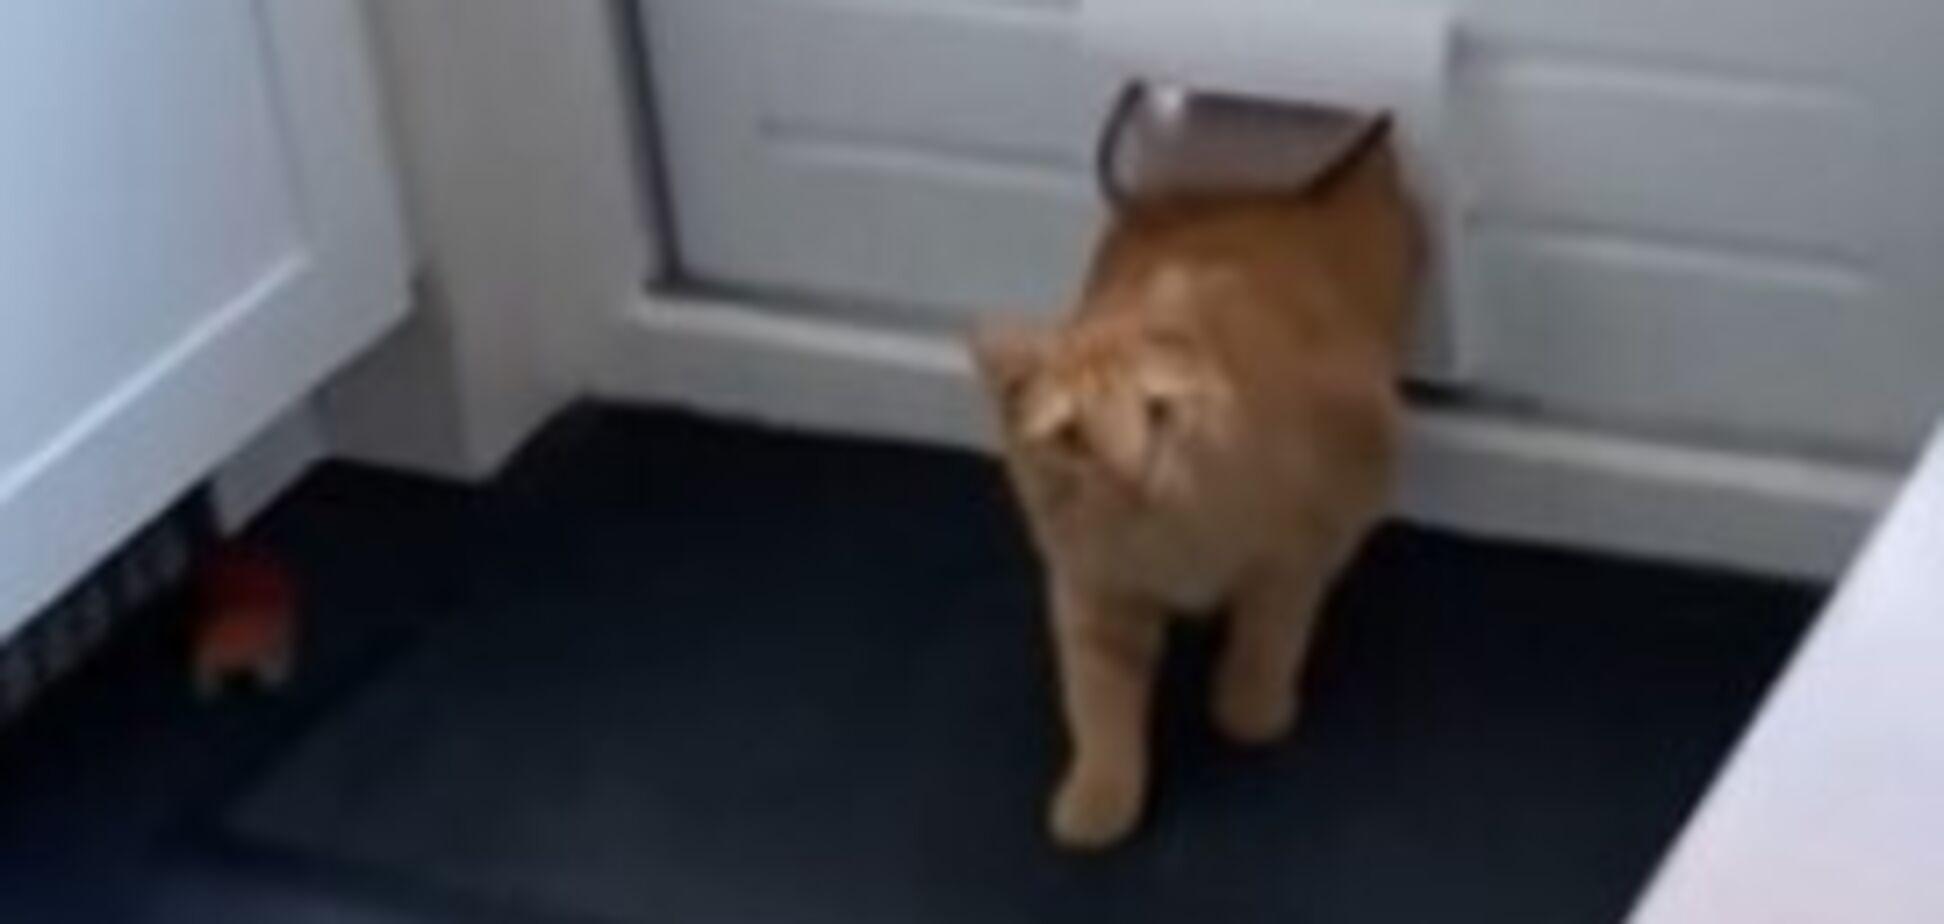 Кіт випадково вліз в чужий будинок